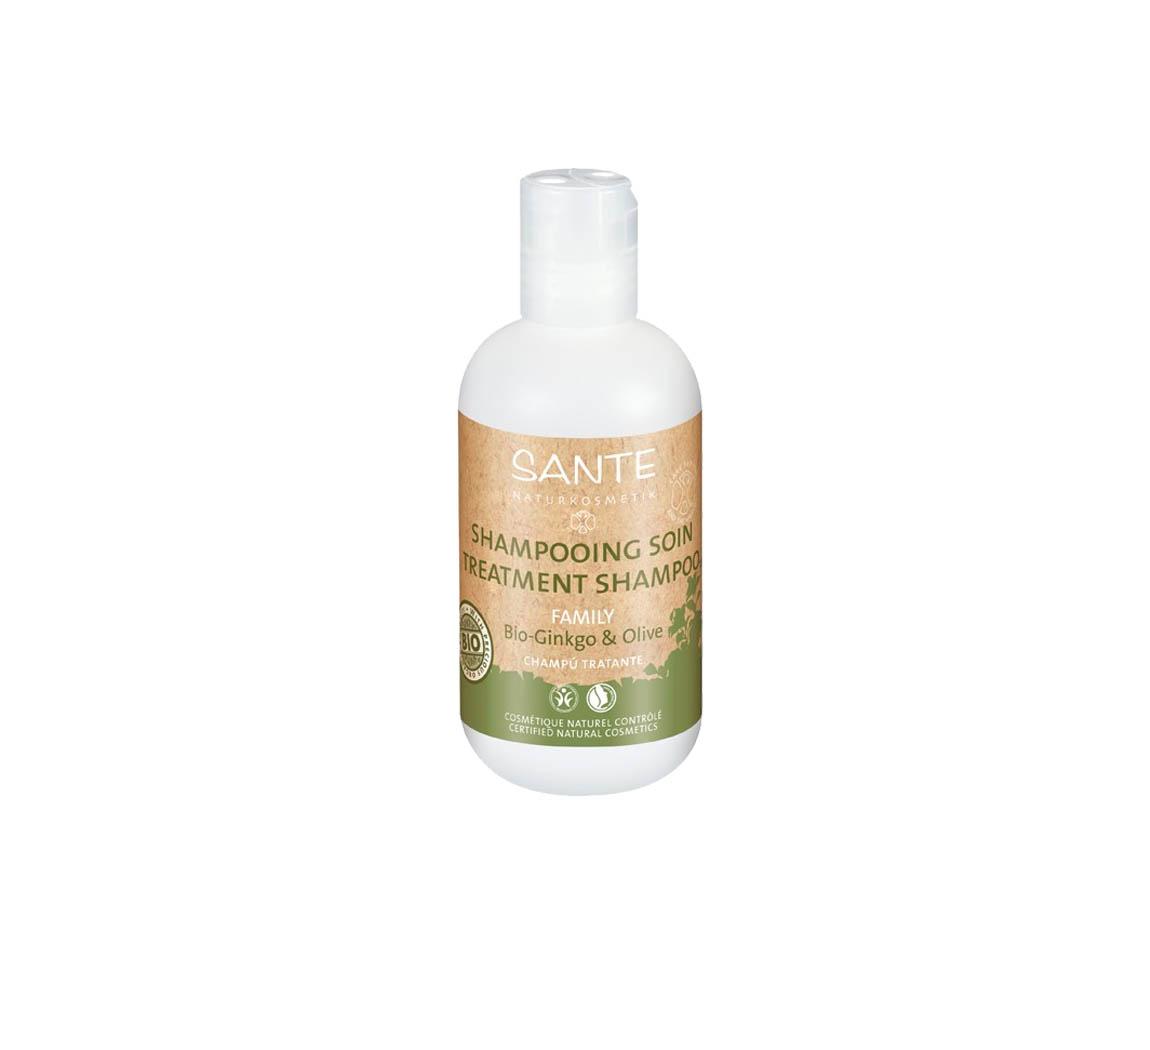 Produit cosmétique Shampoing Sante Naturkosmetik